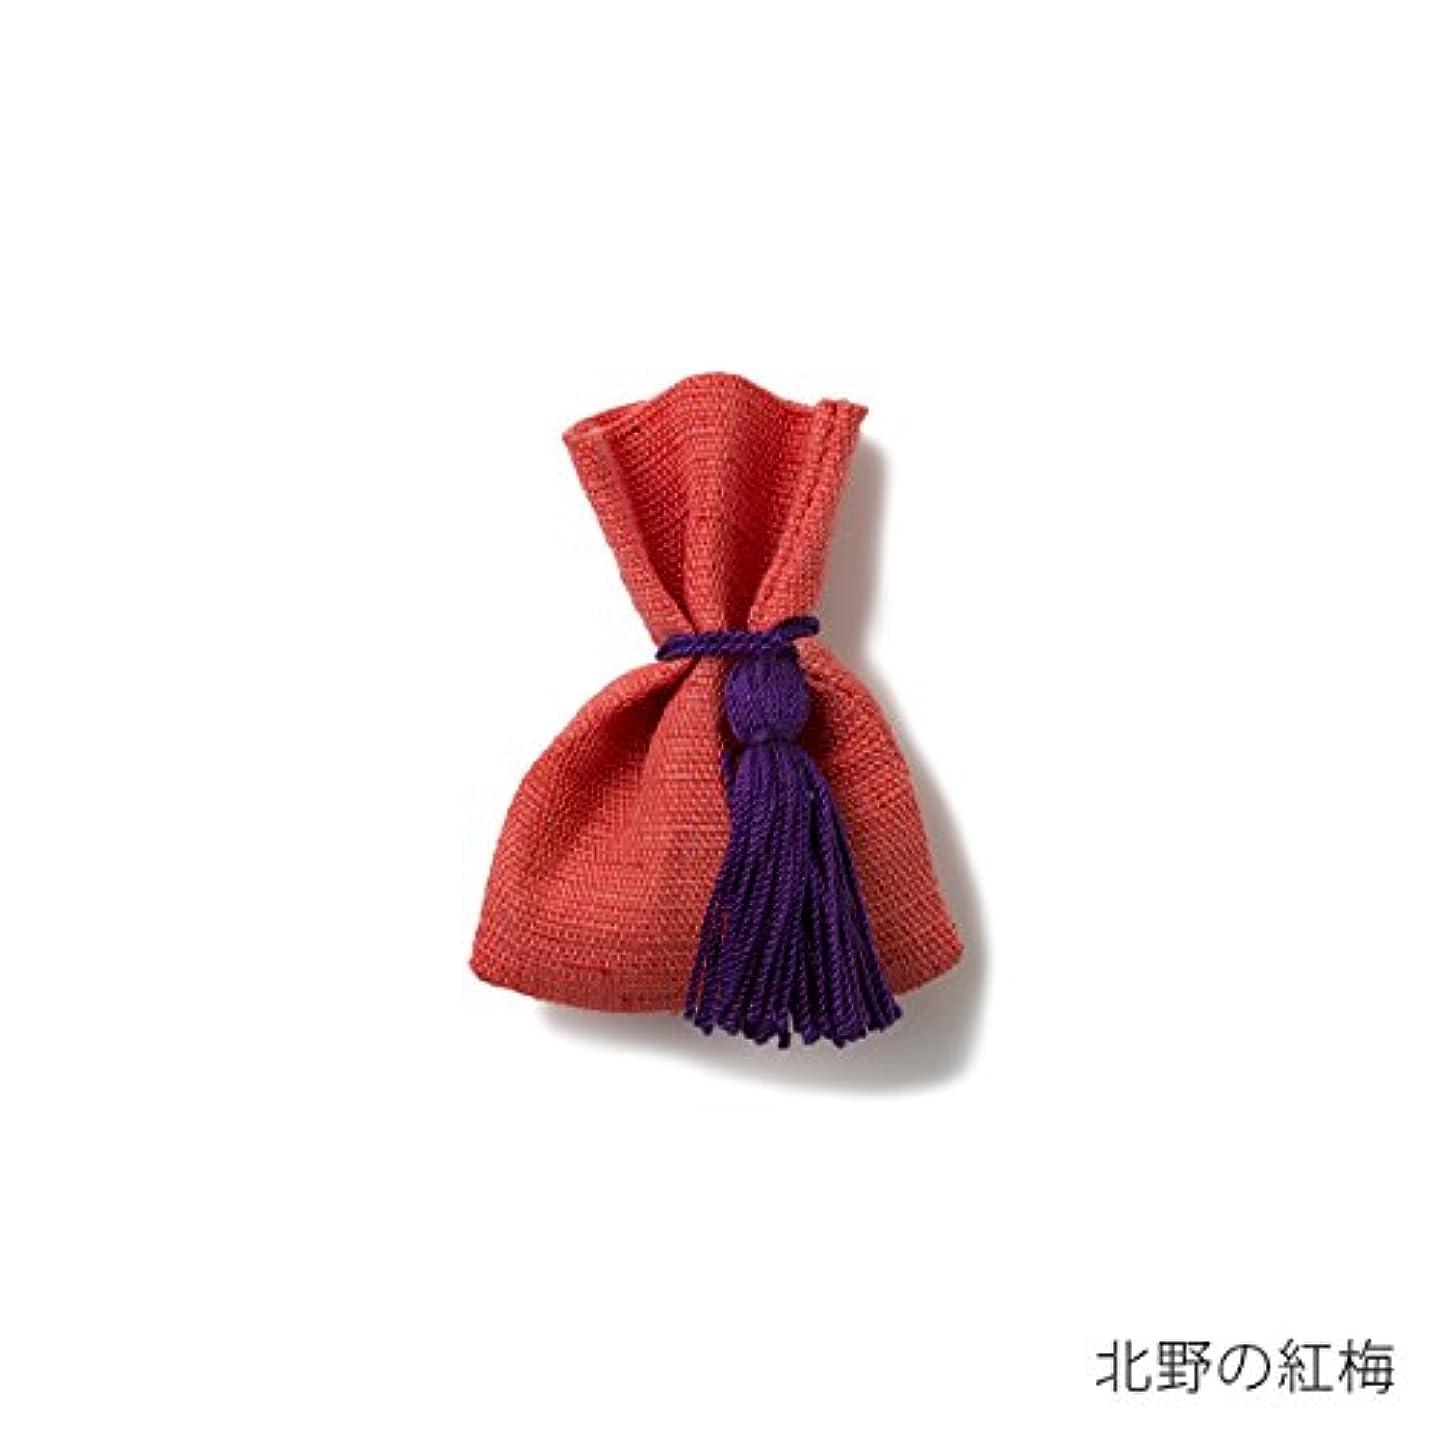 エンドテーブルがっかりした十分【薫玉堂】 京の香り 香袋 北野の紅梅